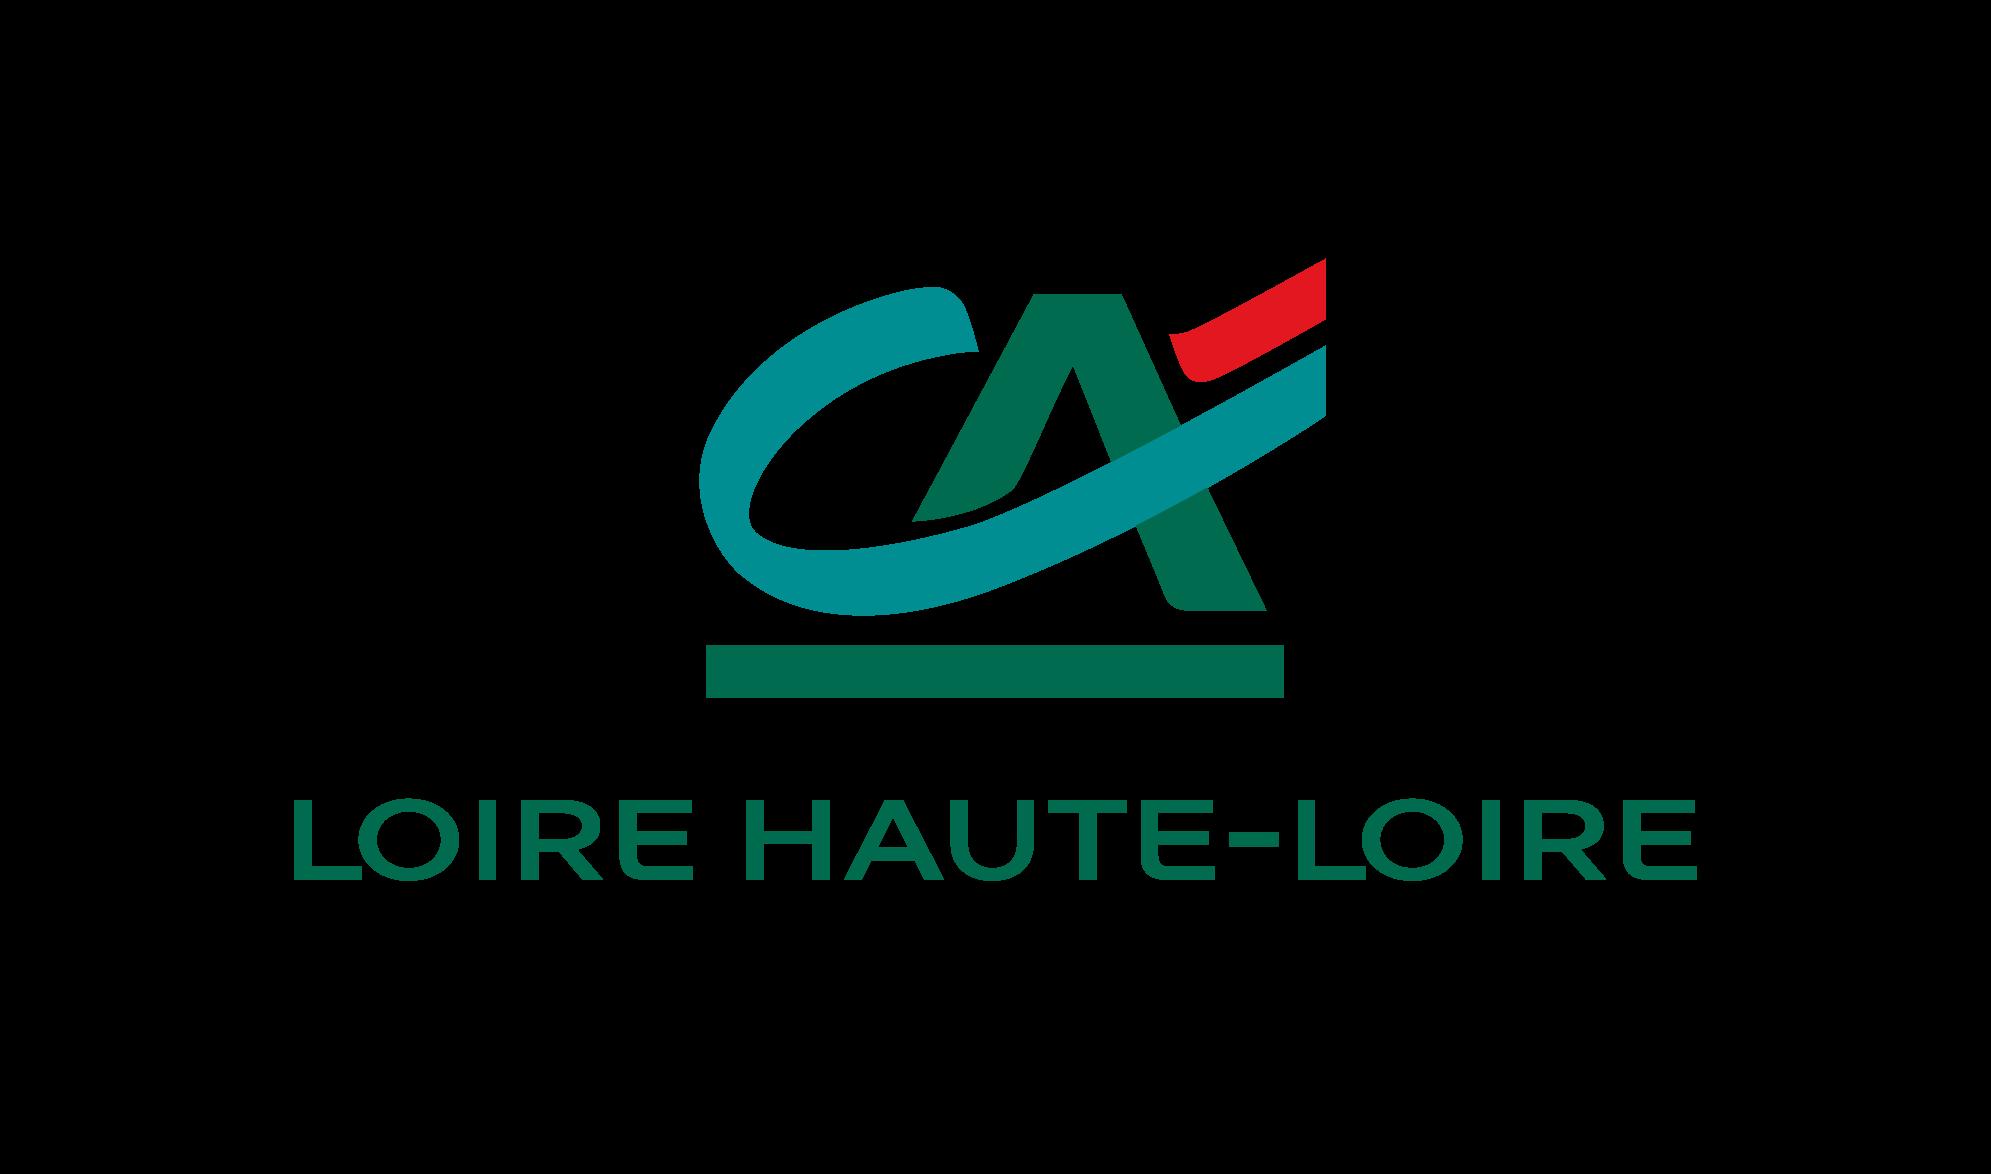 Région de Loire et de Haute-Loire